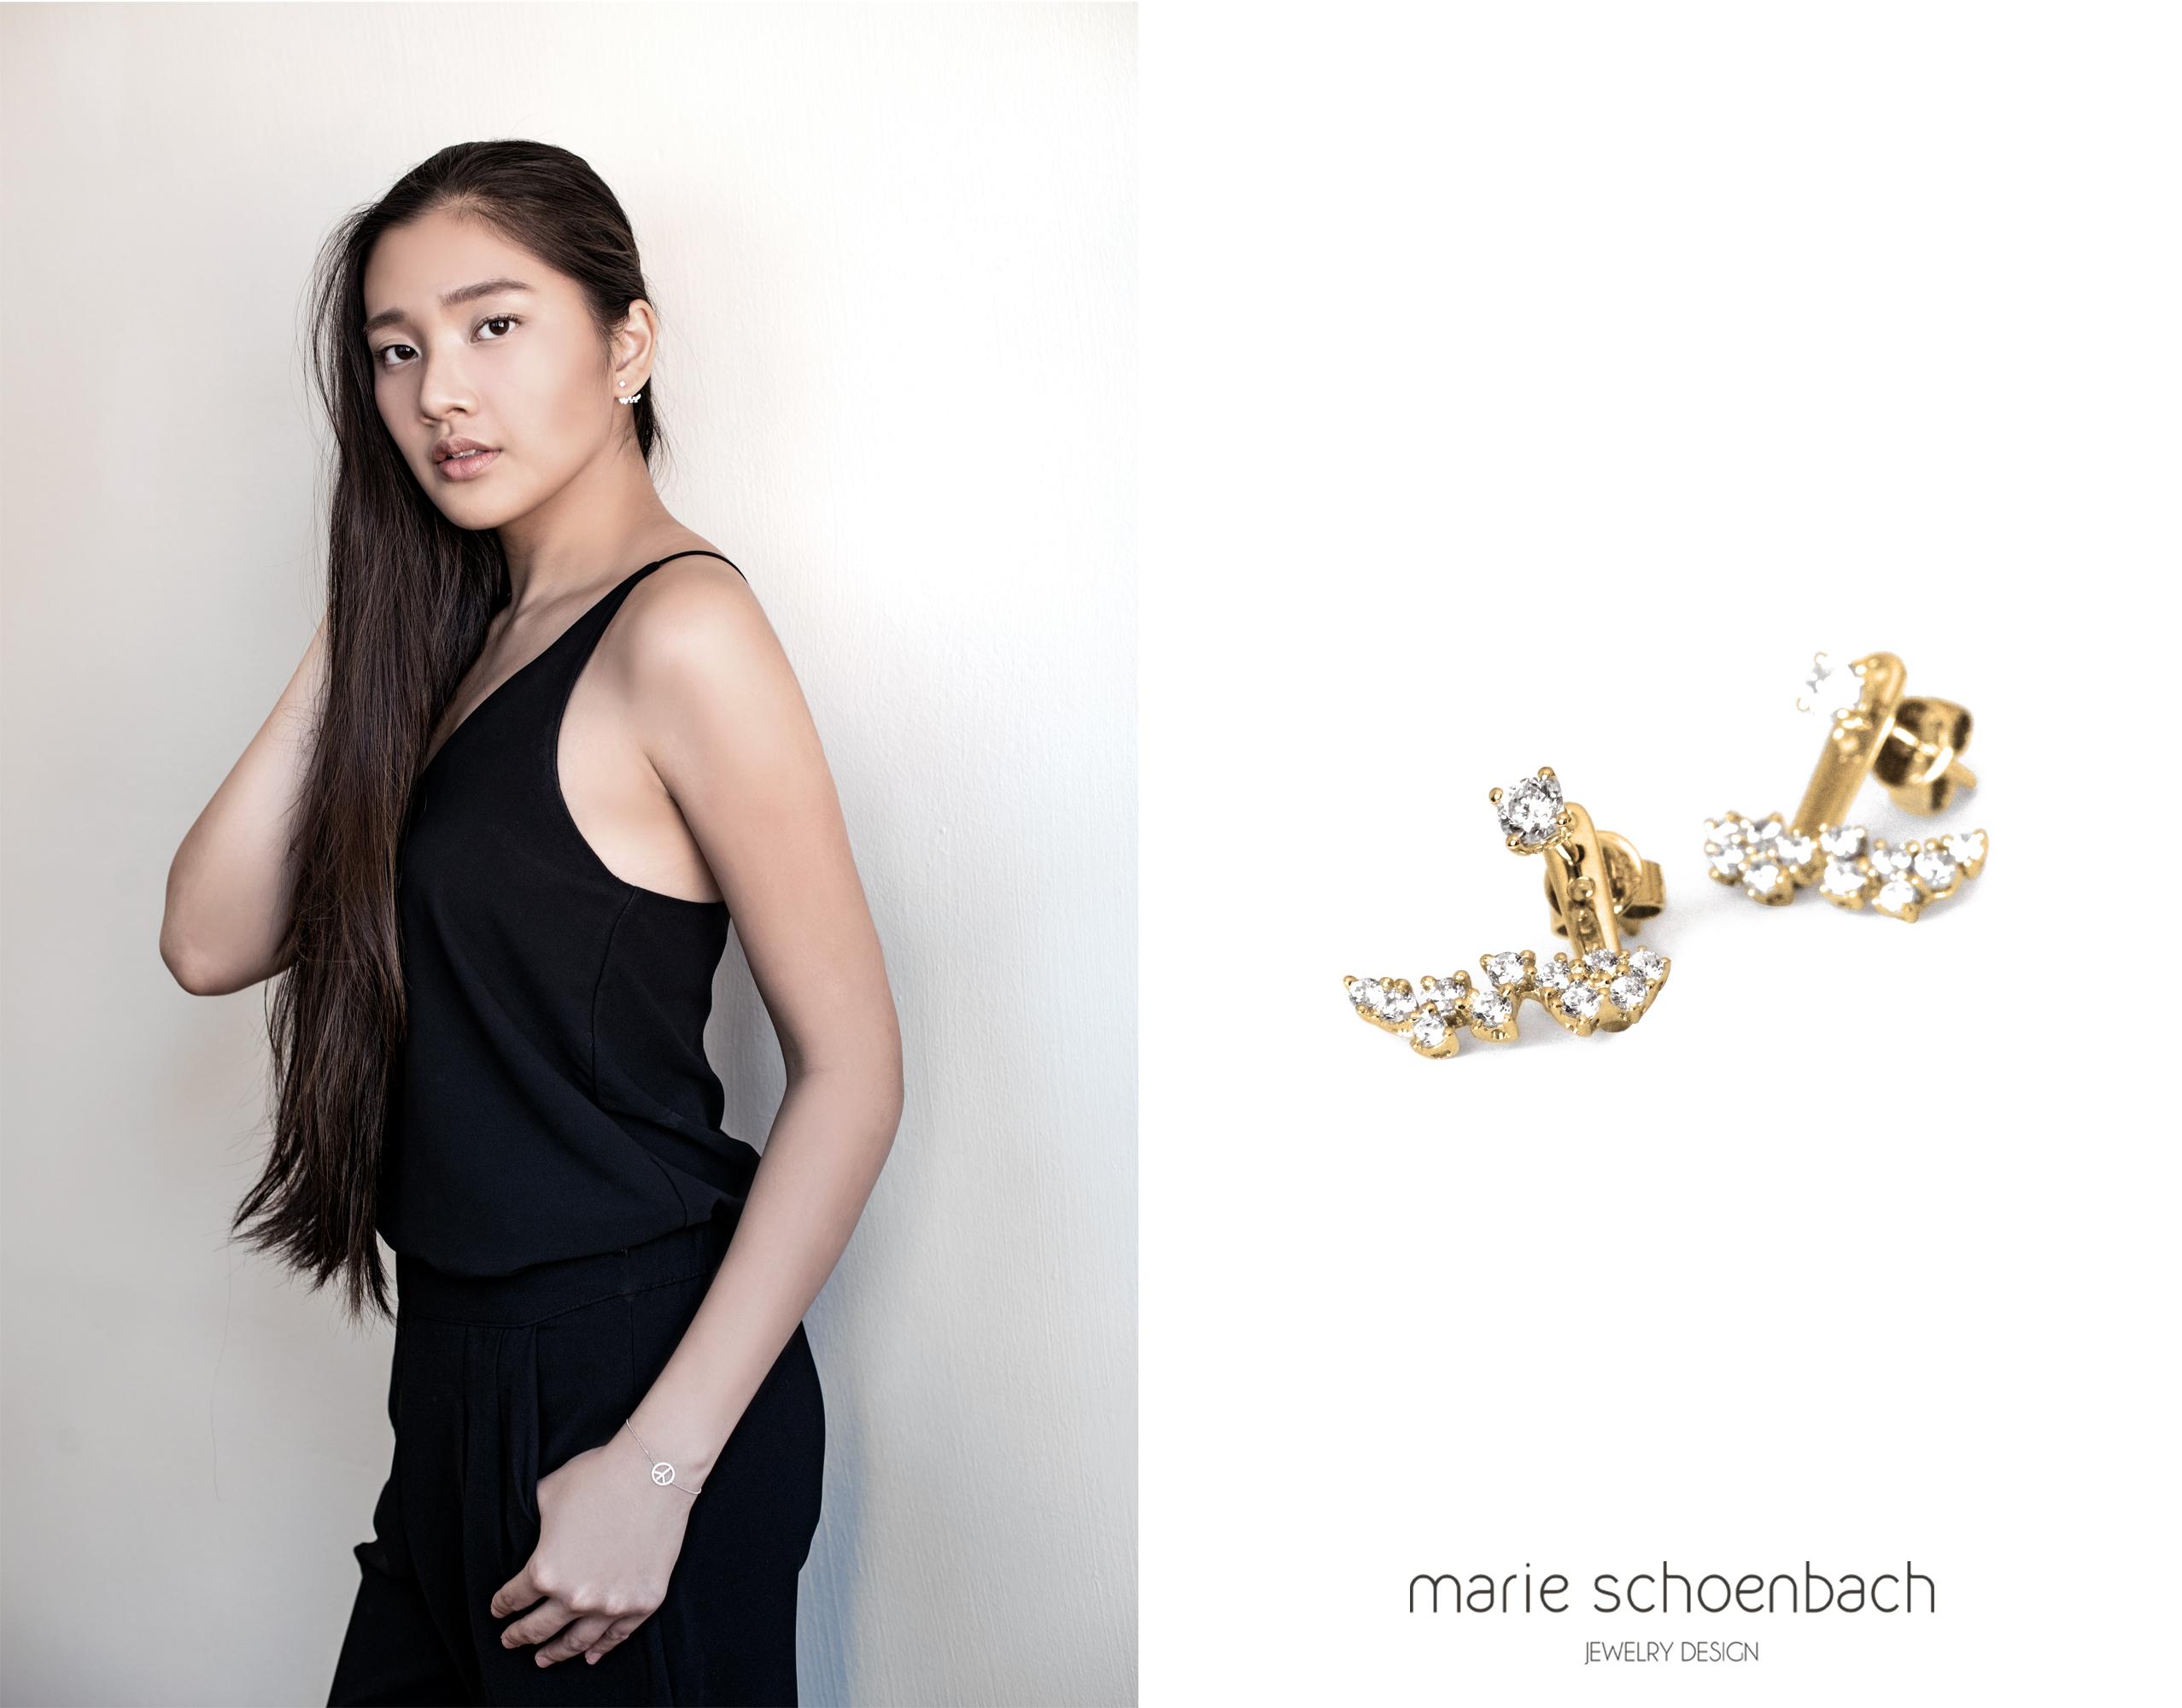 Schoenbach Jewelry Ad II